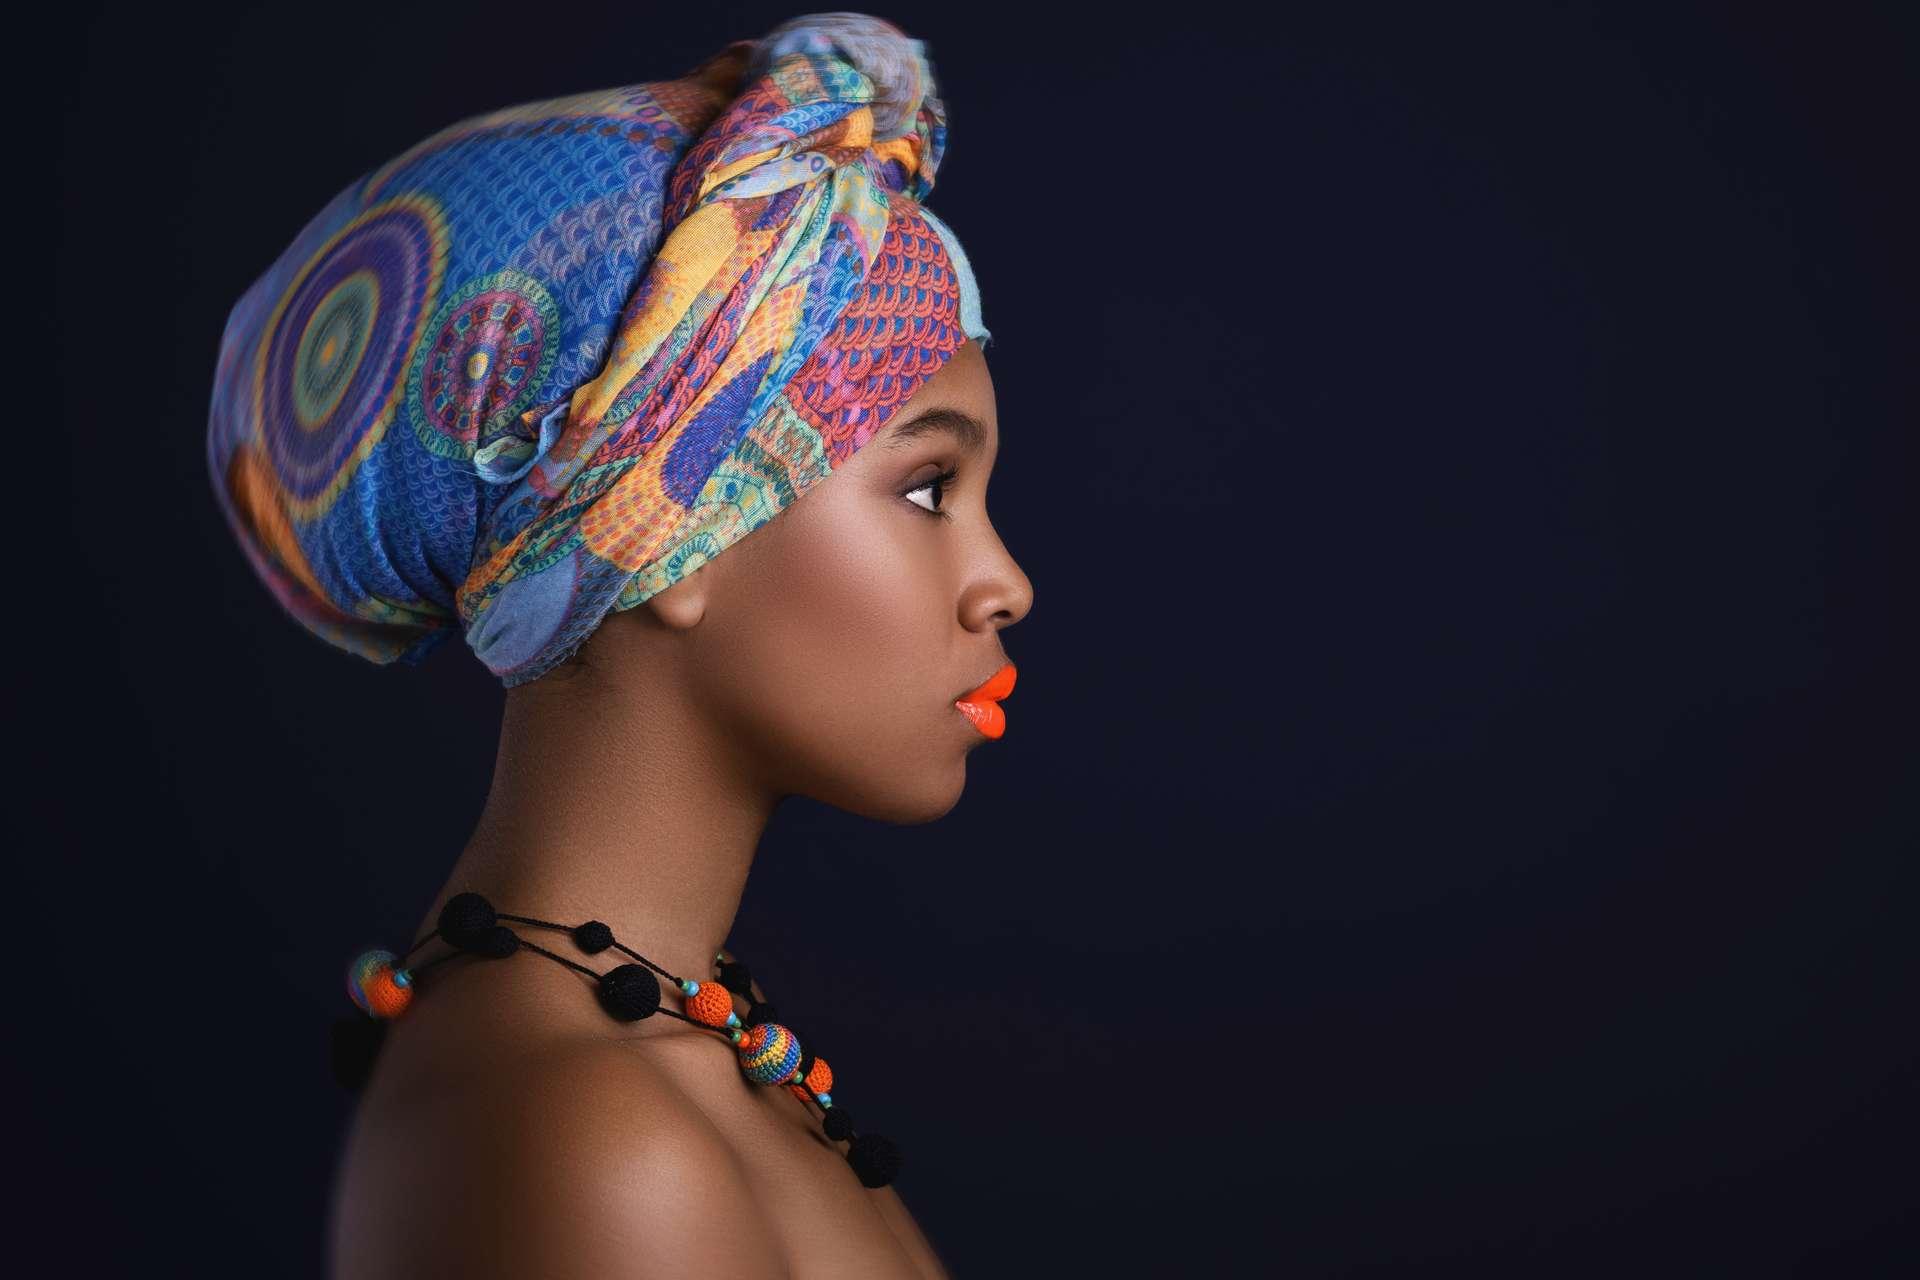 Selon une enquête menée en 2019 par la CNCDH (Commission nationale consultative des droits de l'Homme), 18 % des Français se disent un peu ou plutôt racistes. Ce qui ne quantifie pas la somme de personnes ayant assimilé, parfois malgré elles, des préjugés racistes. Et dont le comportement s'en trouve influencé. © Blackday, Adobe Stock